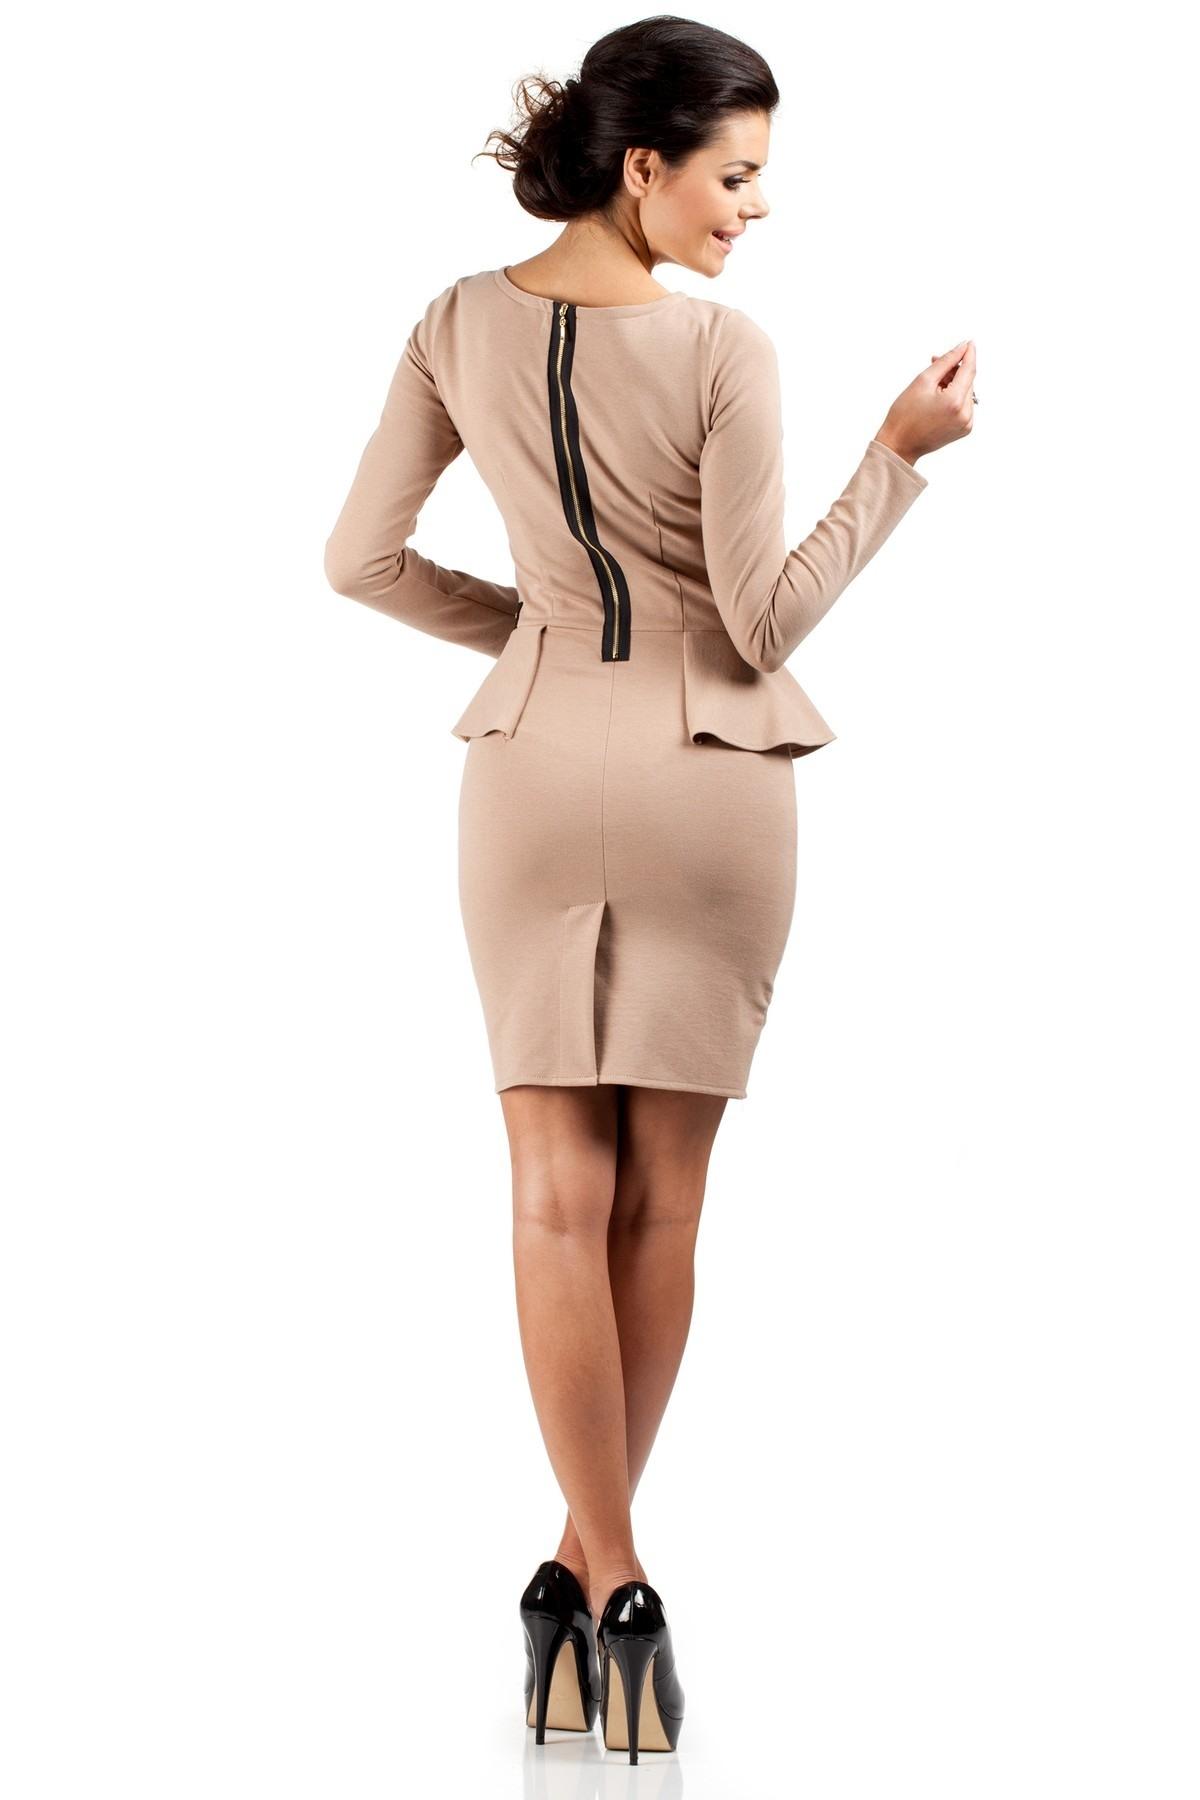 13 Spektakulär Moderne Elegante Kleider Bester Preis10 Elegant Moderne Elegante Kleider Bester Preis